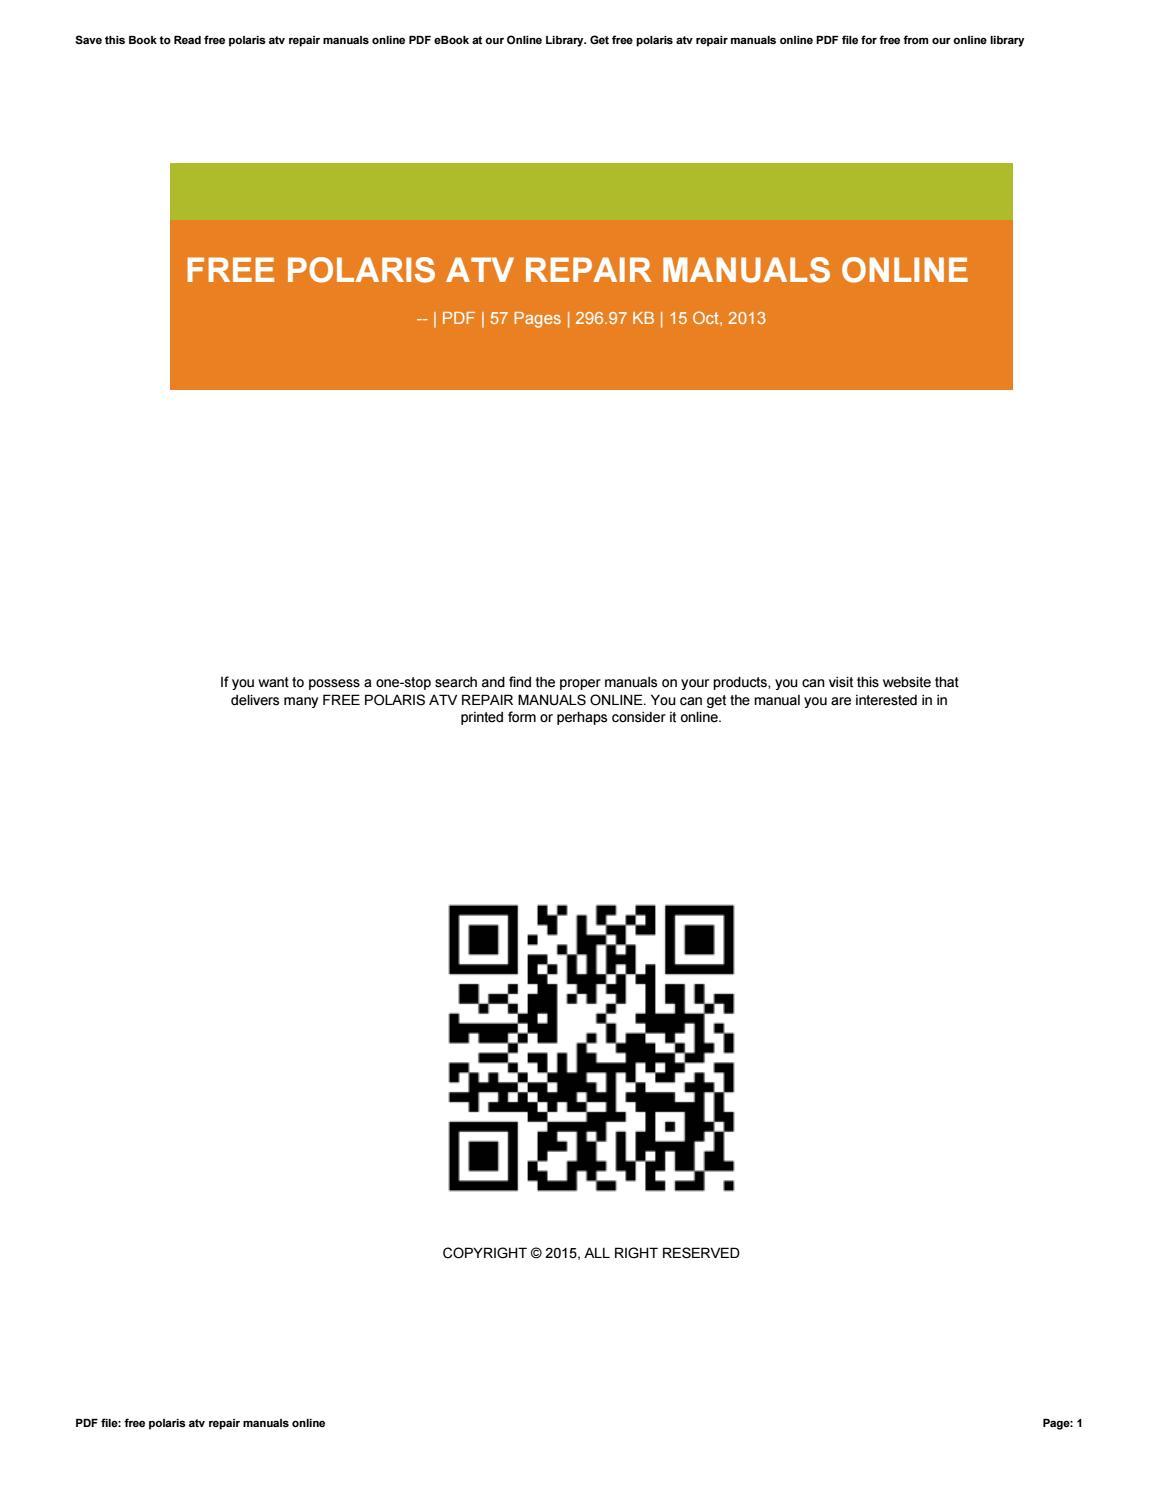 free atv repair manuals online